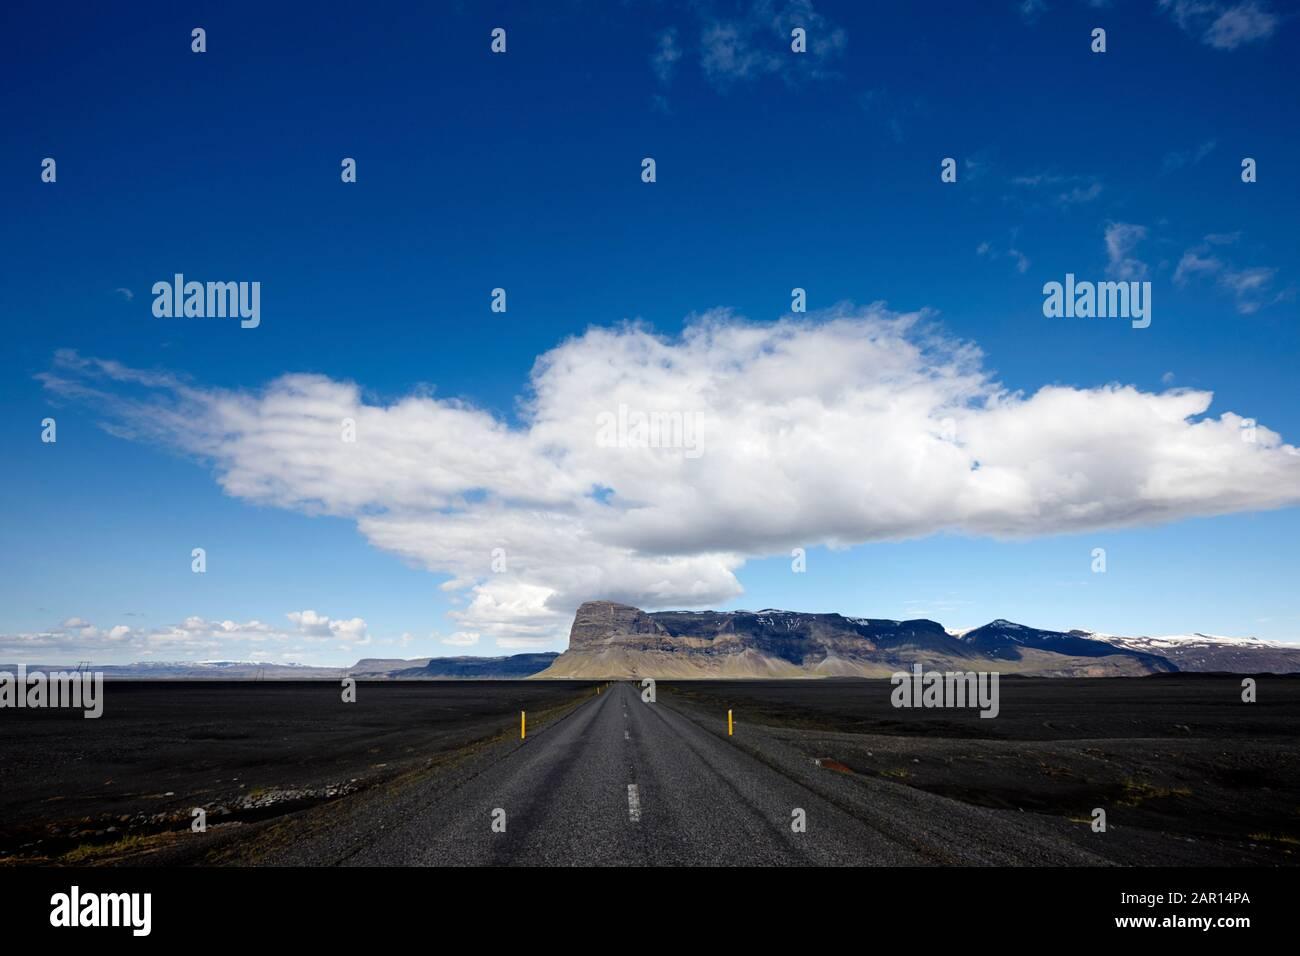 conduite le long du périphérique hringvegur à travers le sable de skeidarsandur plaines et les plates de cendres sud de l'islande Banque D'Images